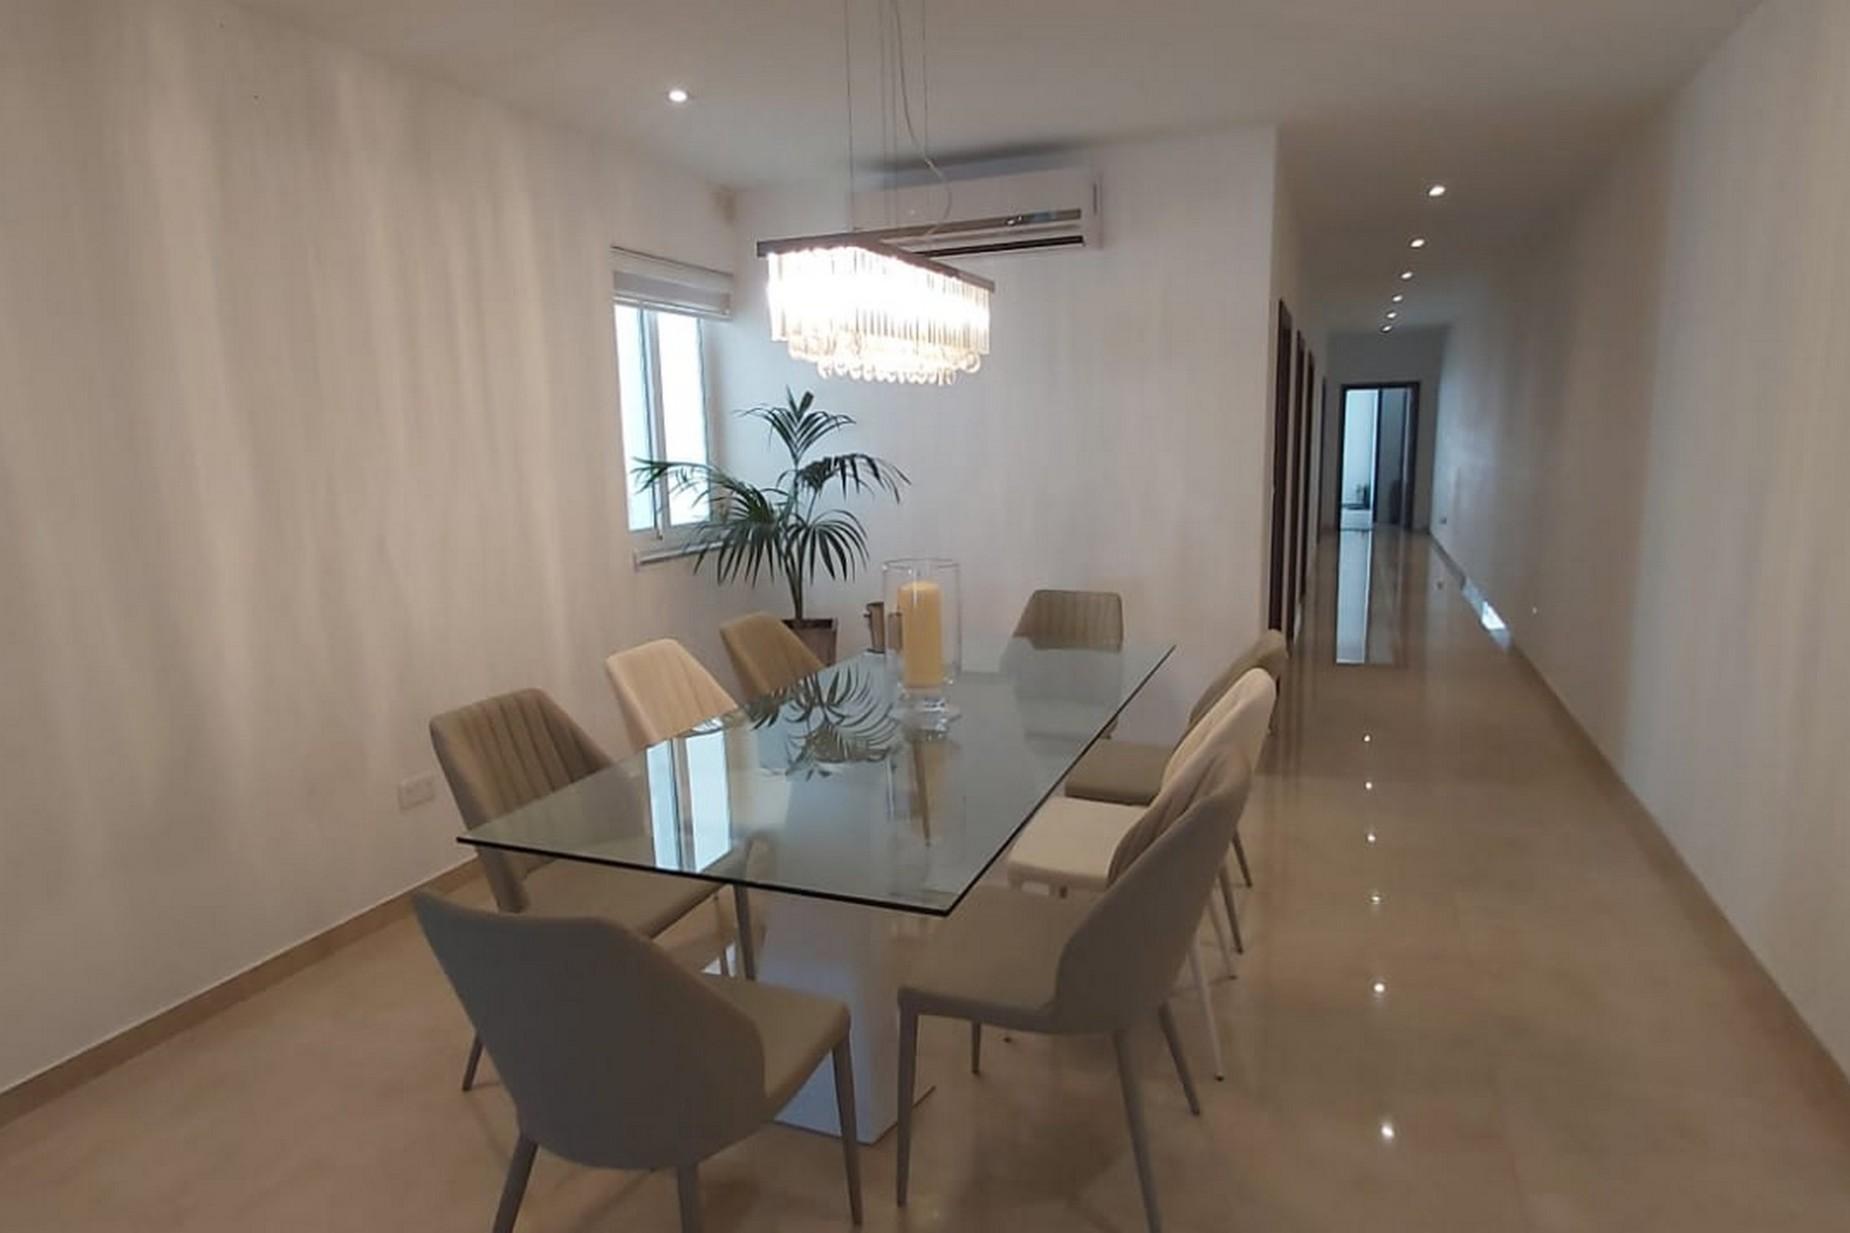 4 bed Apartment For Sale in Santa Venera, Santa Venera - thumb 10